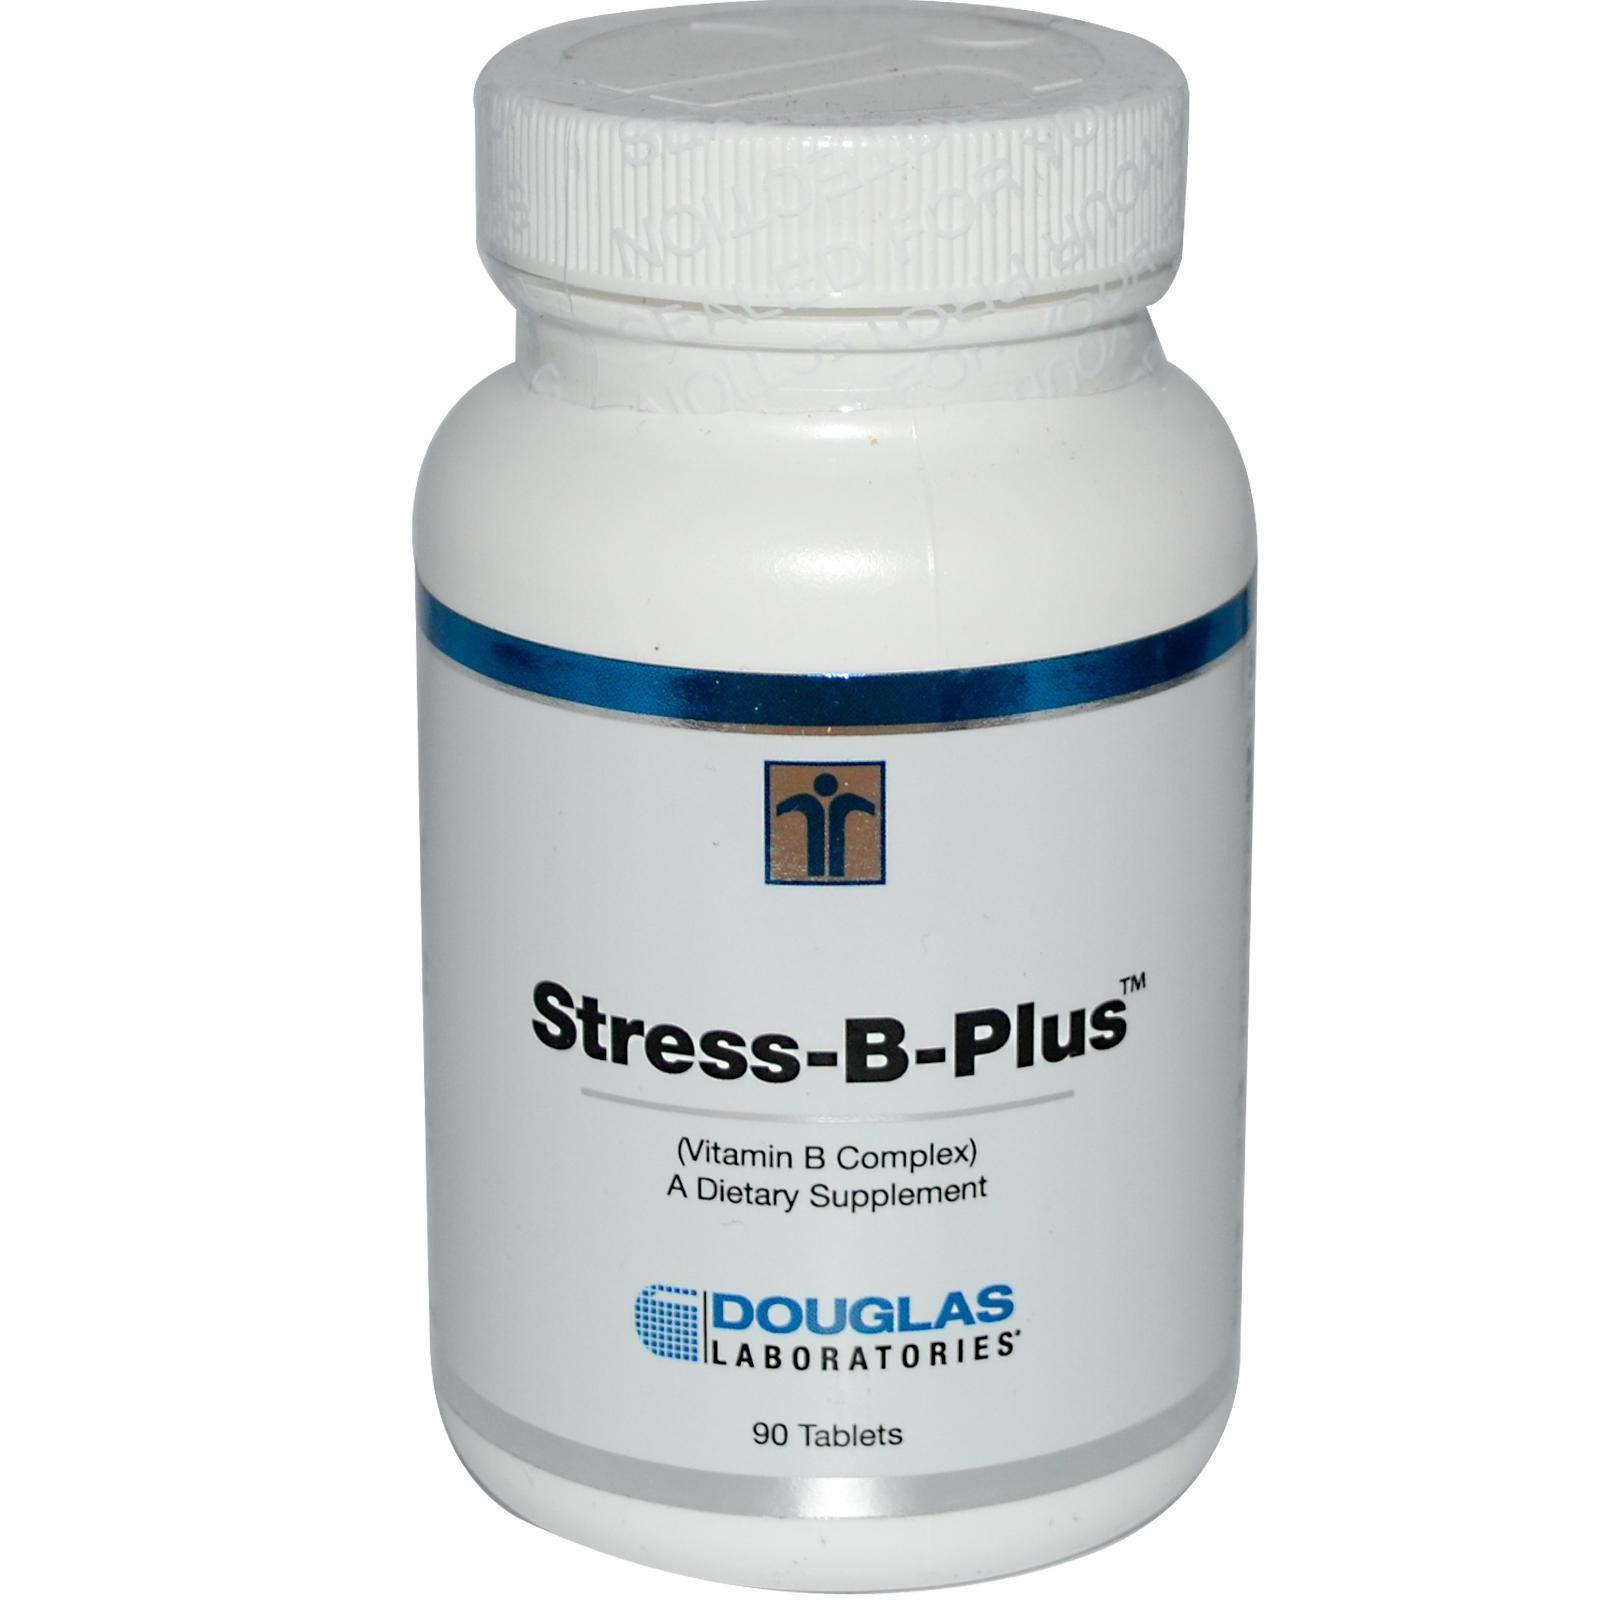 Stress vitamin b complex